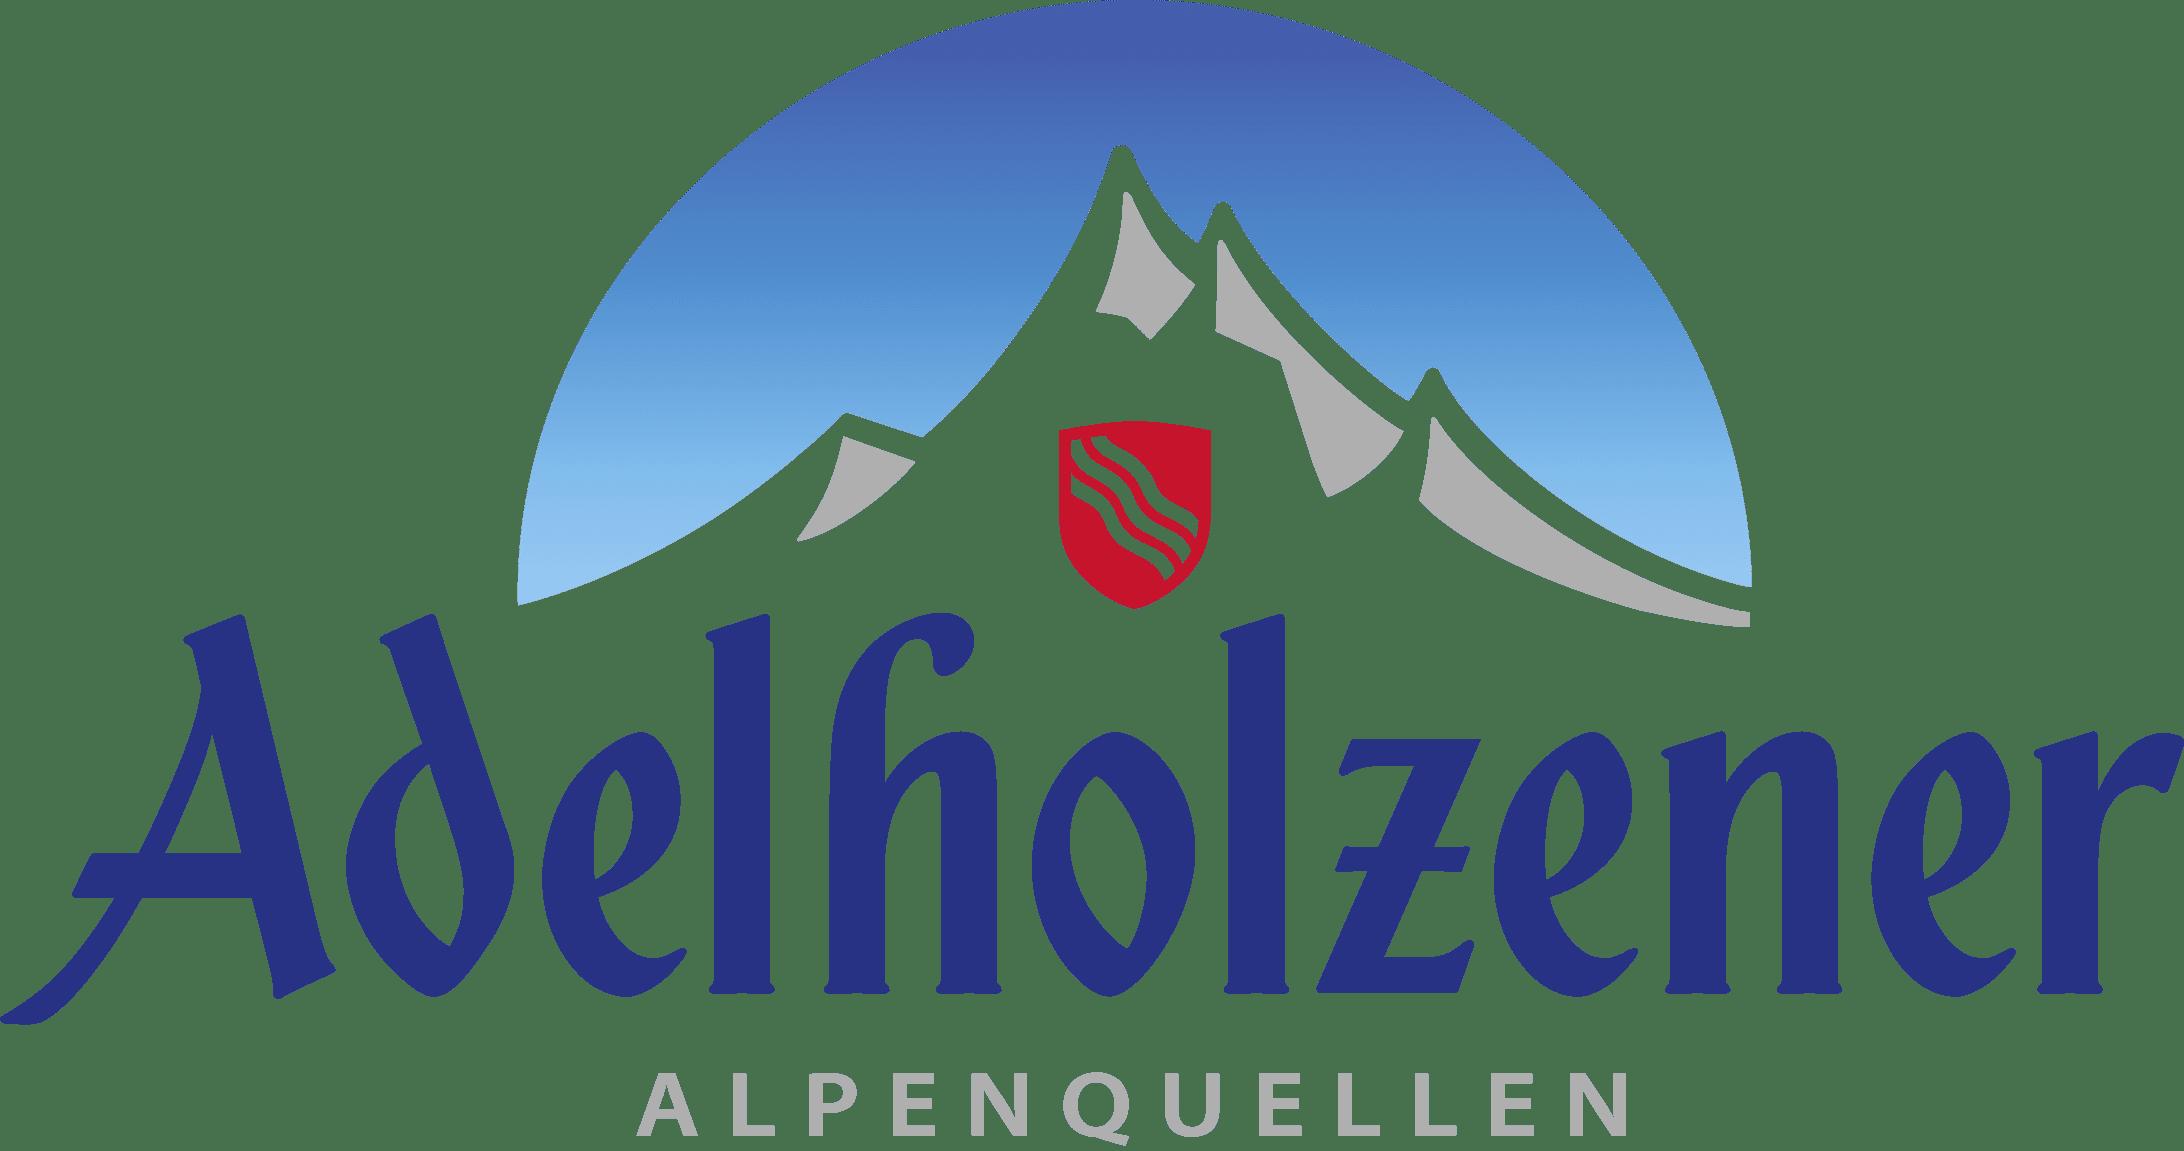 Adelholzener Alpenquellen GmbH St.-Primus-Straße 1-5 D-83313 Siegsdorf https://www.adelholzener.de/